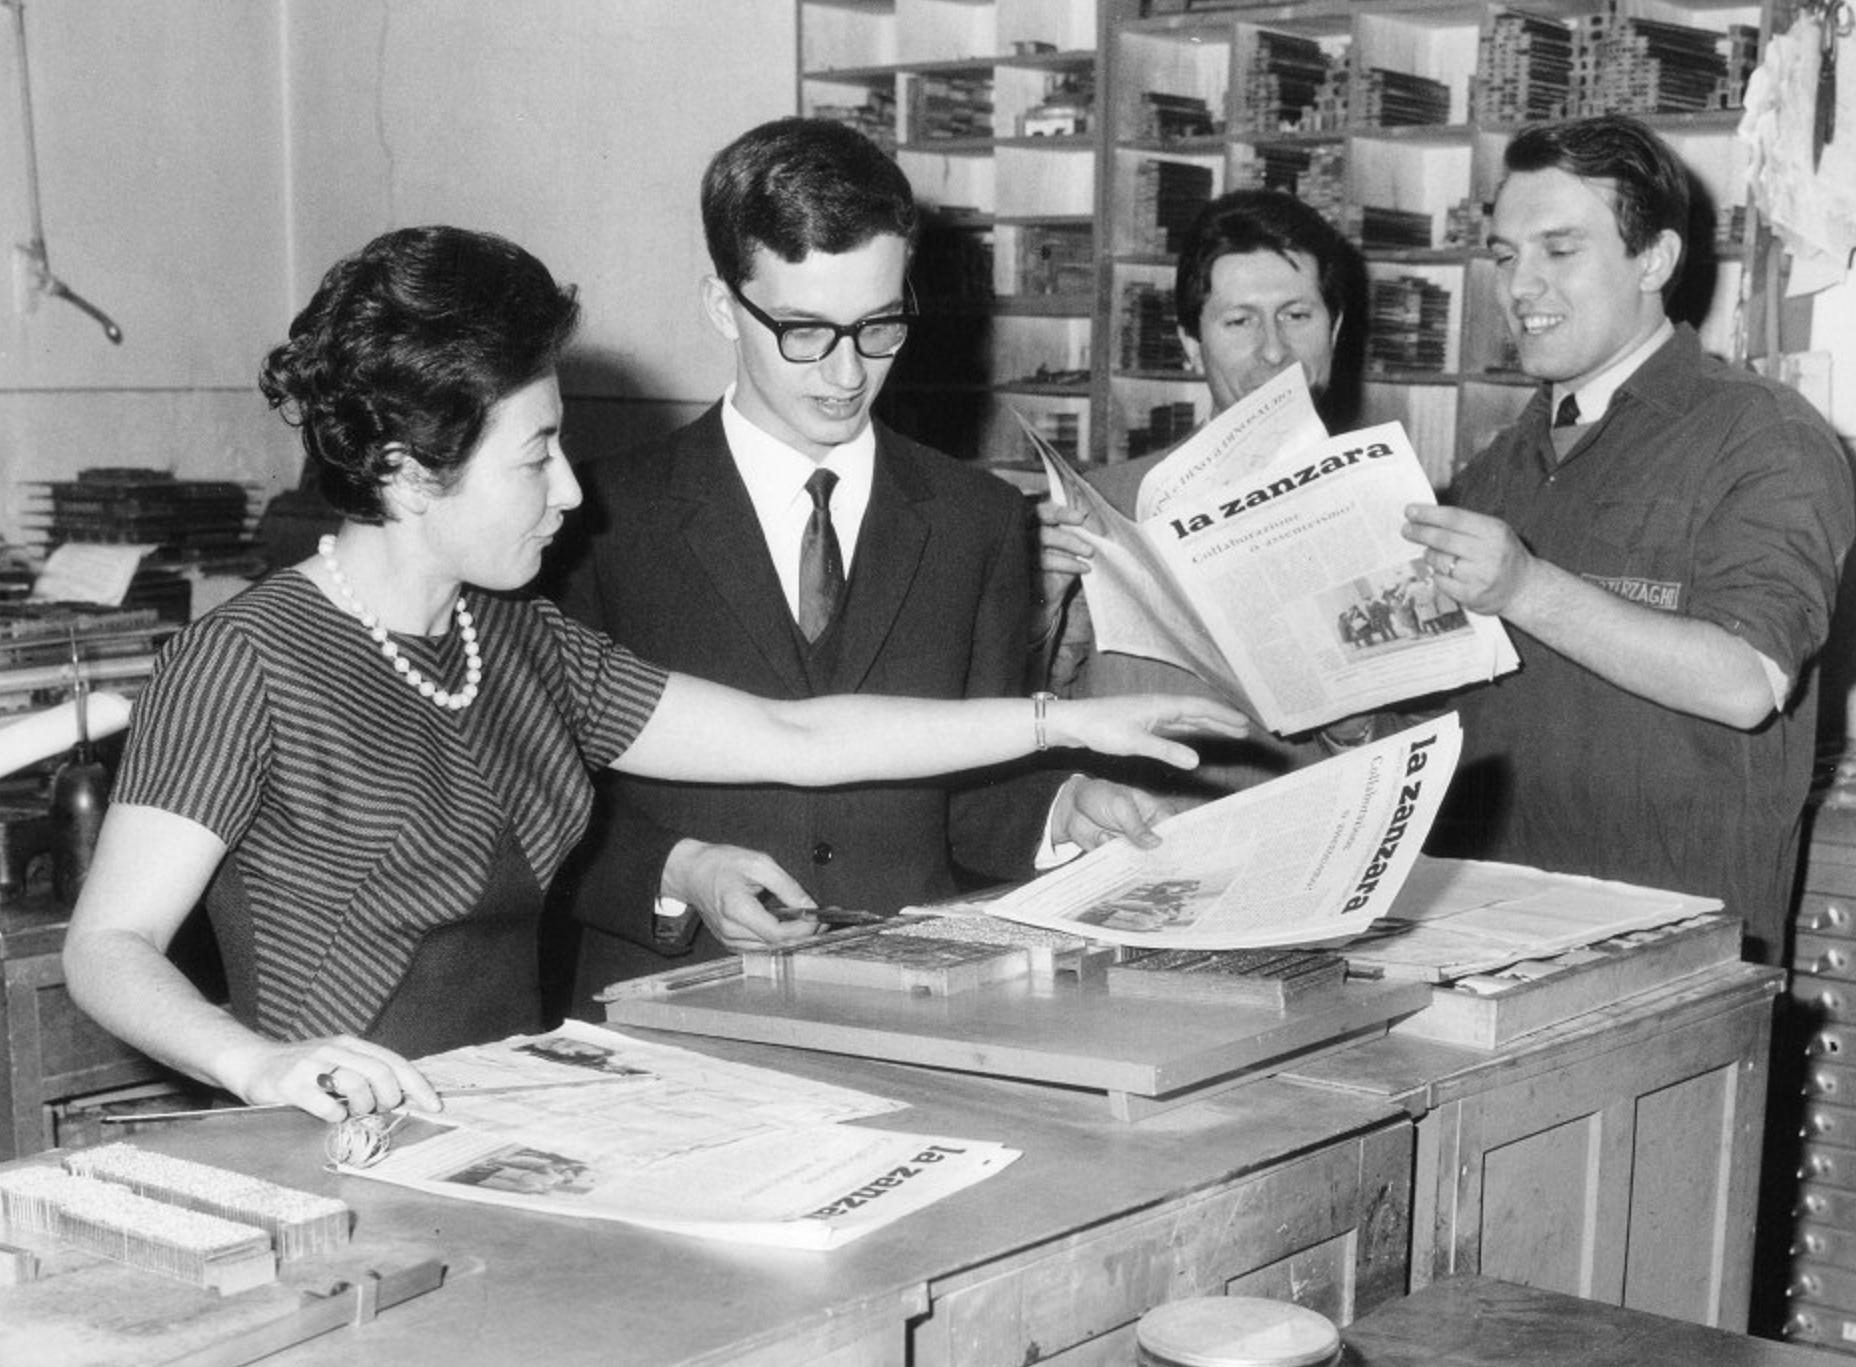 Marco Sassano con la stampatrice e la copia de La Zanzara del dicembre 1965 (Liceo Parini, foto fornita da Marco De Poli, allora direttore del foglio studentesco)